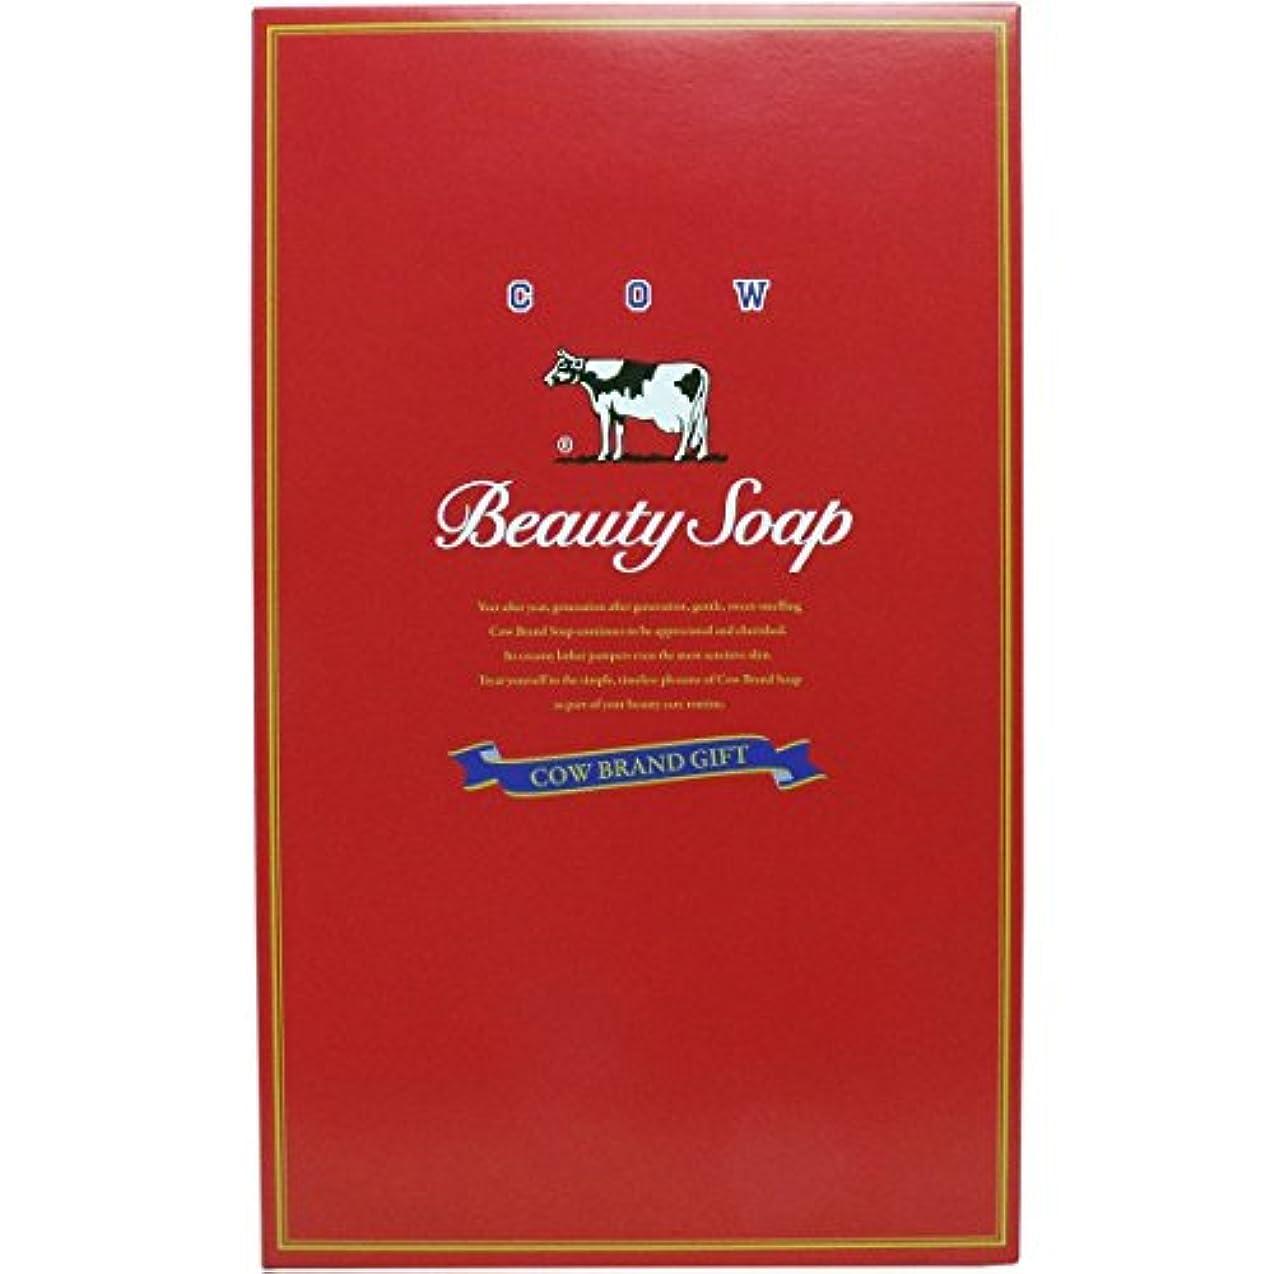 非常に怒っています申請中核牛乳石鹸共進社 カウブランド石鹸 赤箱 100g×10個×16箱